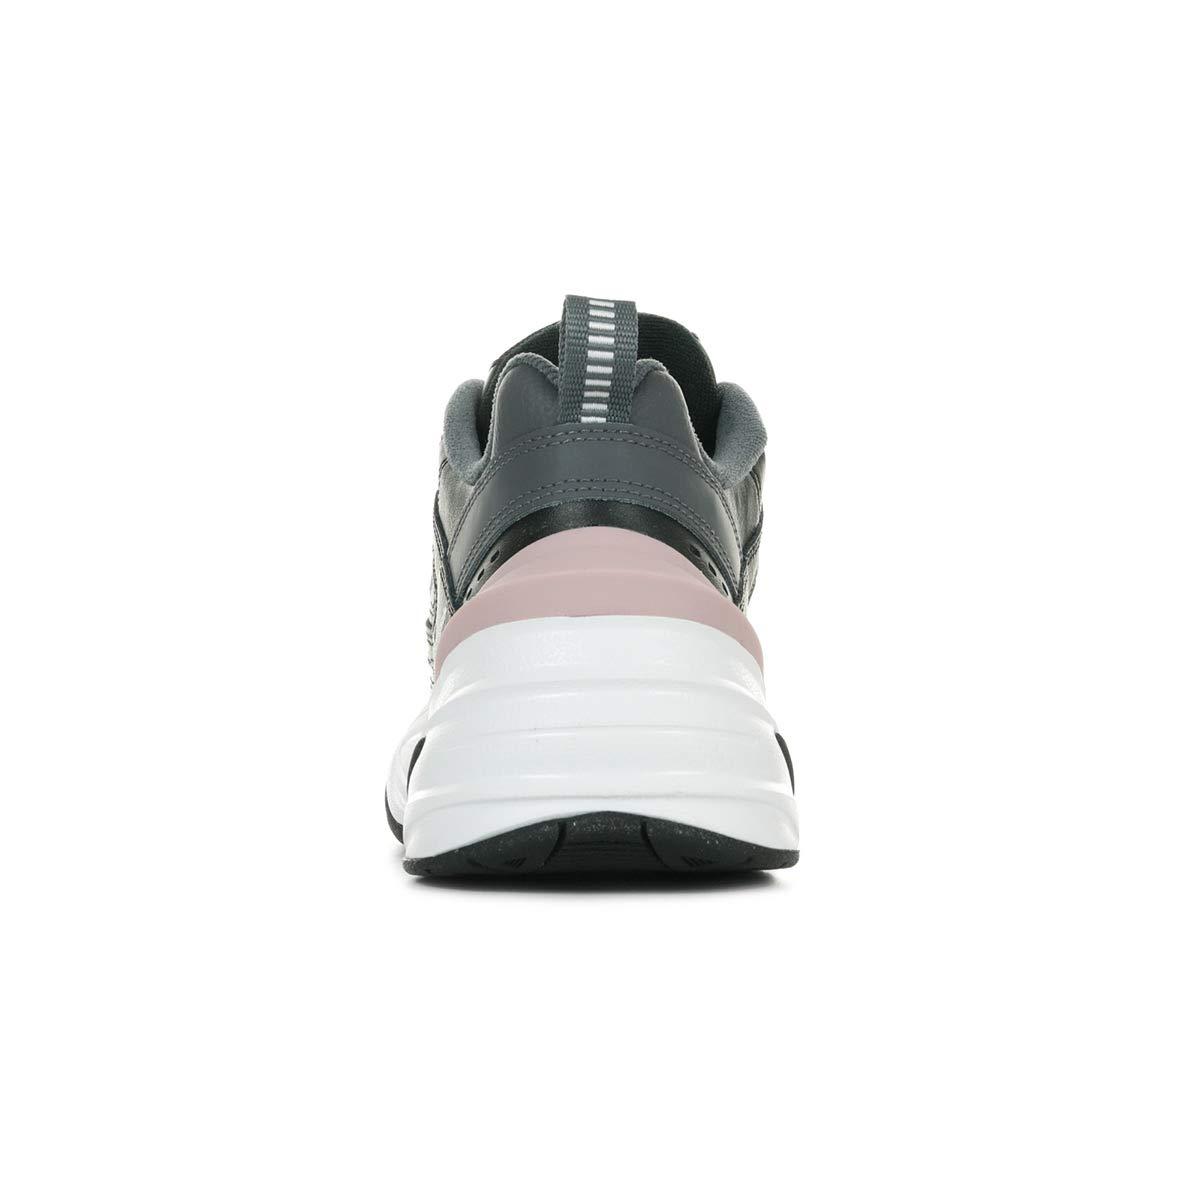 Nike Nike Nike W M2k Tekno, Scarpe da Atletica Leggera Donna, Nero Lilla Grigio Scuro Bianco (nero Plum Chalk Dark grigio Summit bianca 011), 36 EU 4127d1